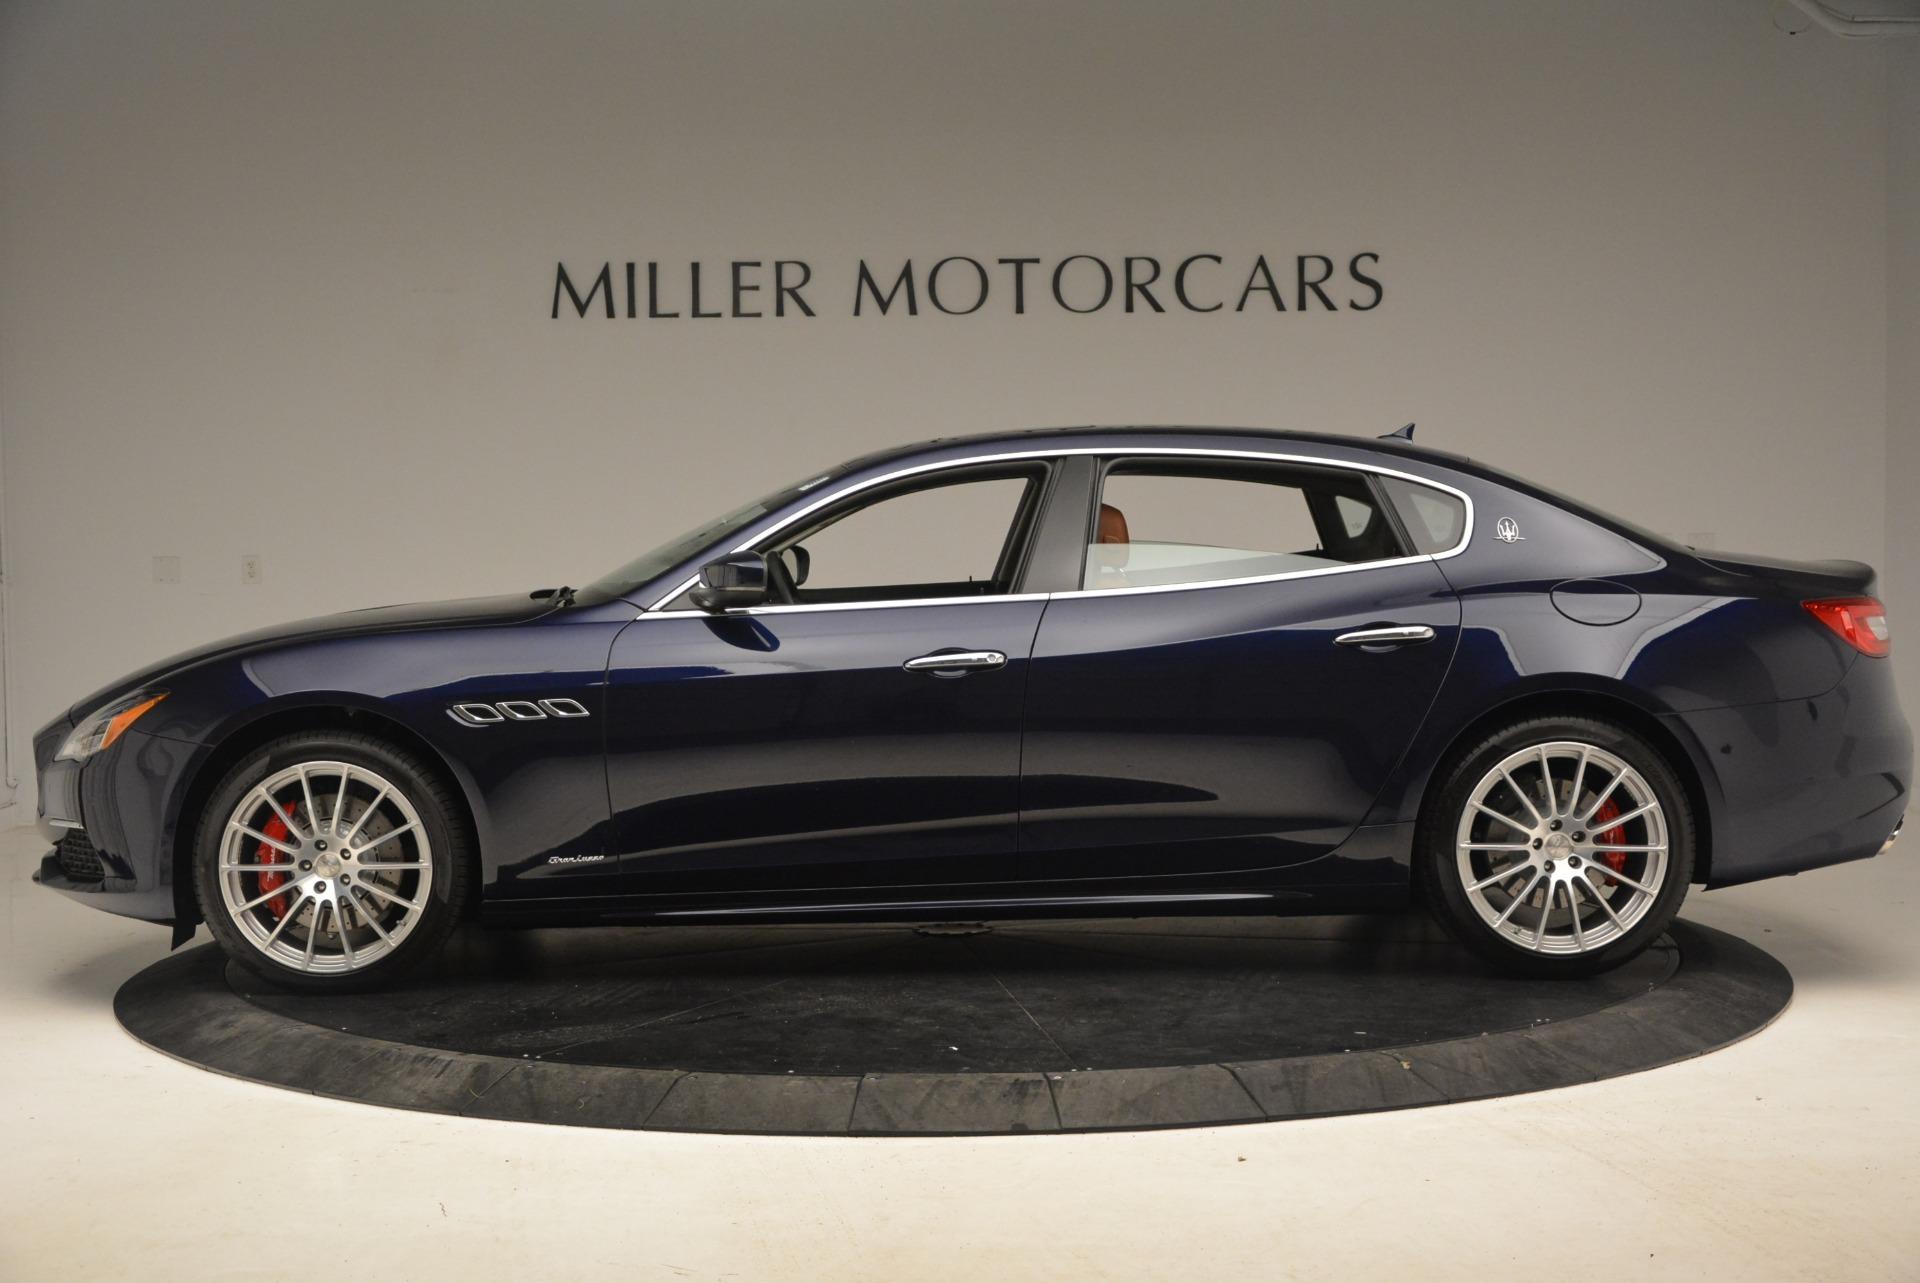 New 2019 Maserati Quattroporte S Q4 GranSport For Sale In Greenwich, CT. Alfa Romeo of Greenwich, M2224 2591_p3